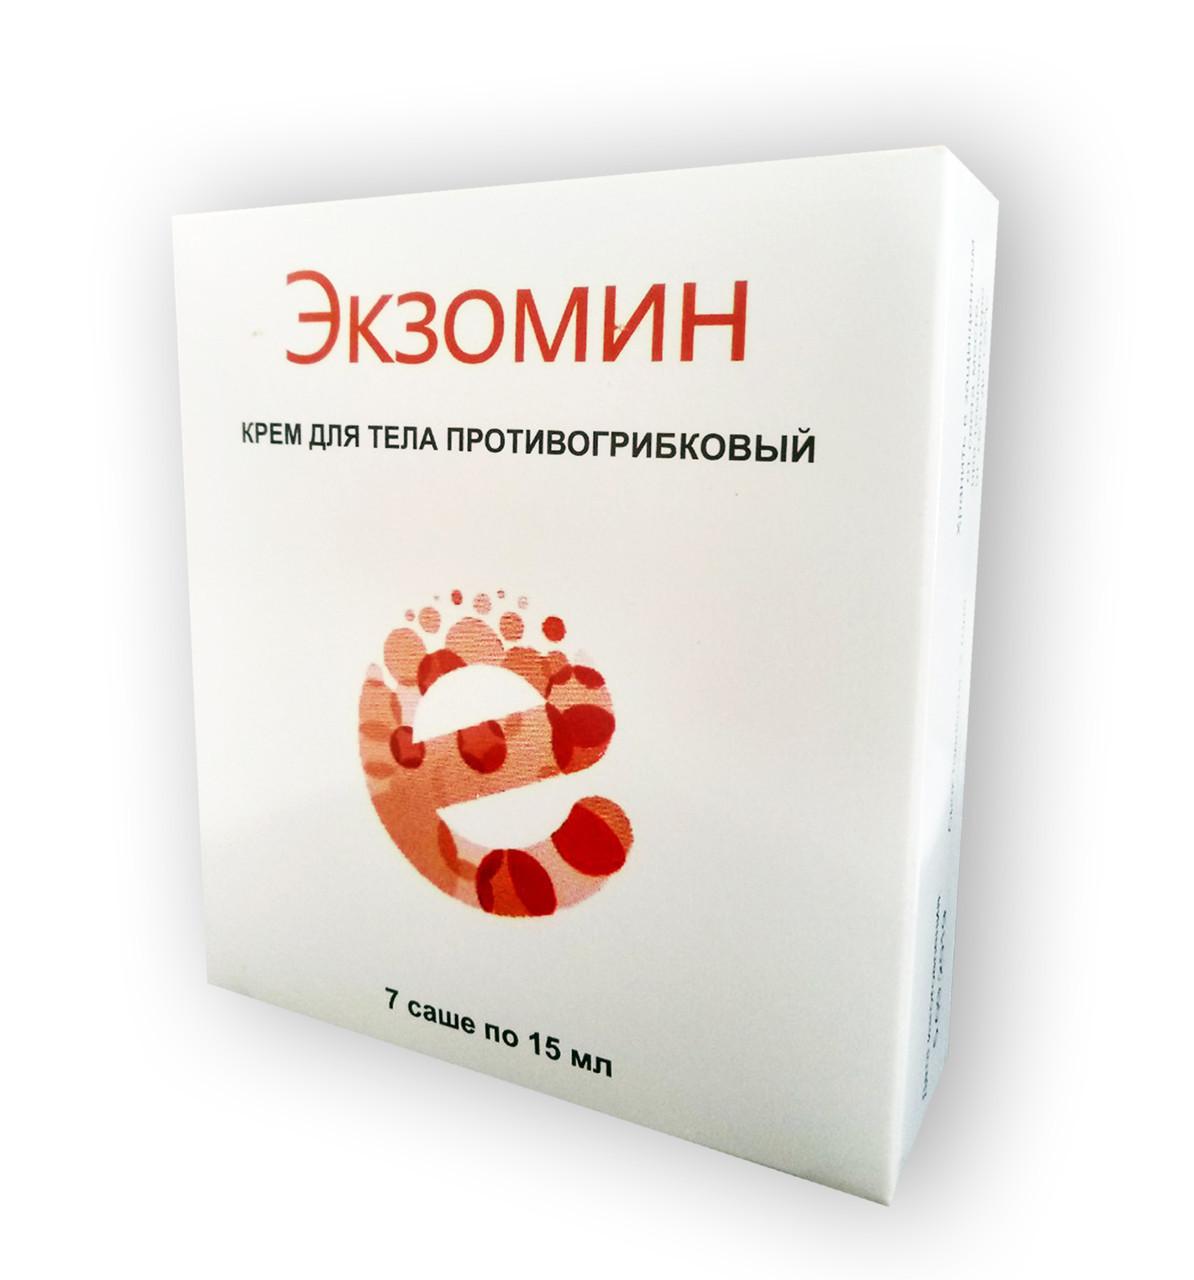 Крем от грибка Экзомин (7 саше*15 мл)